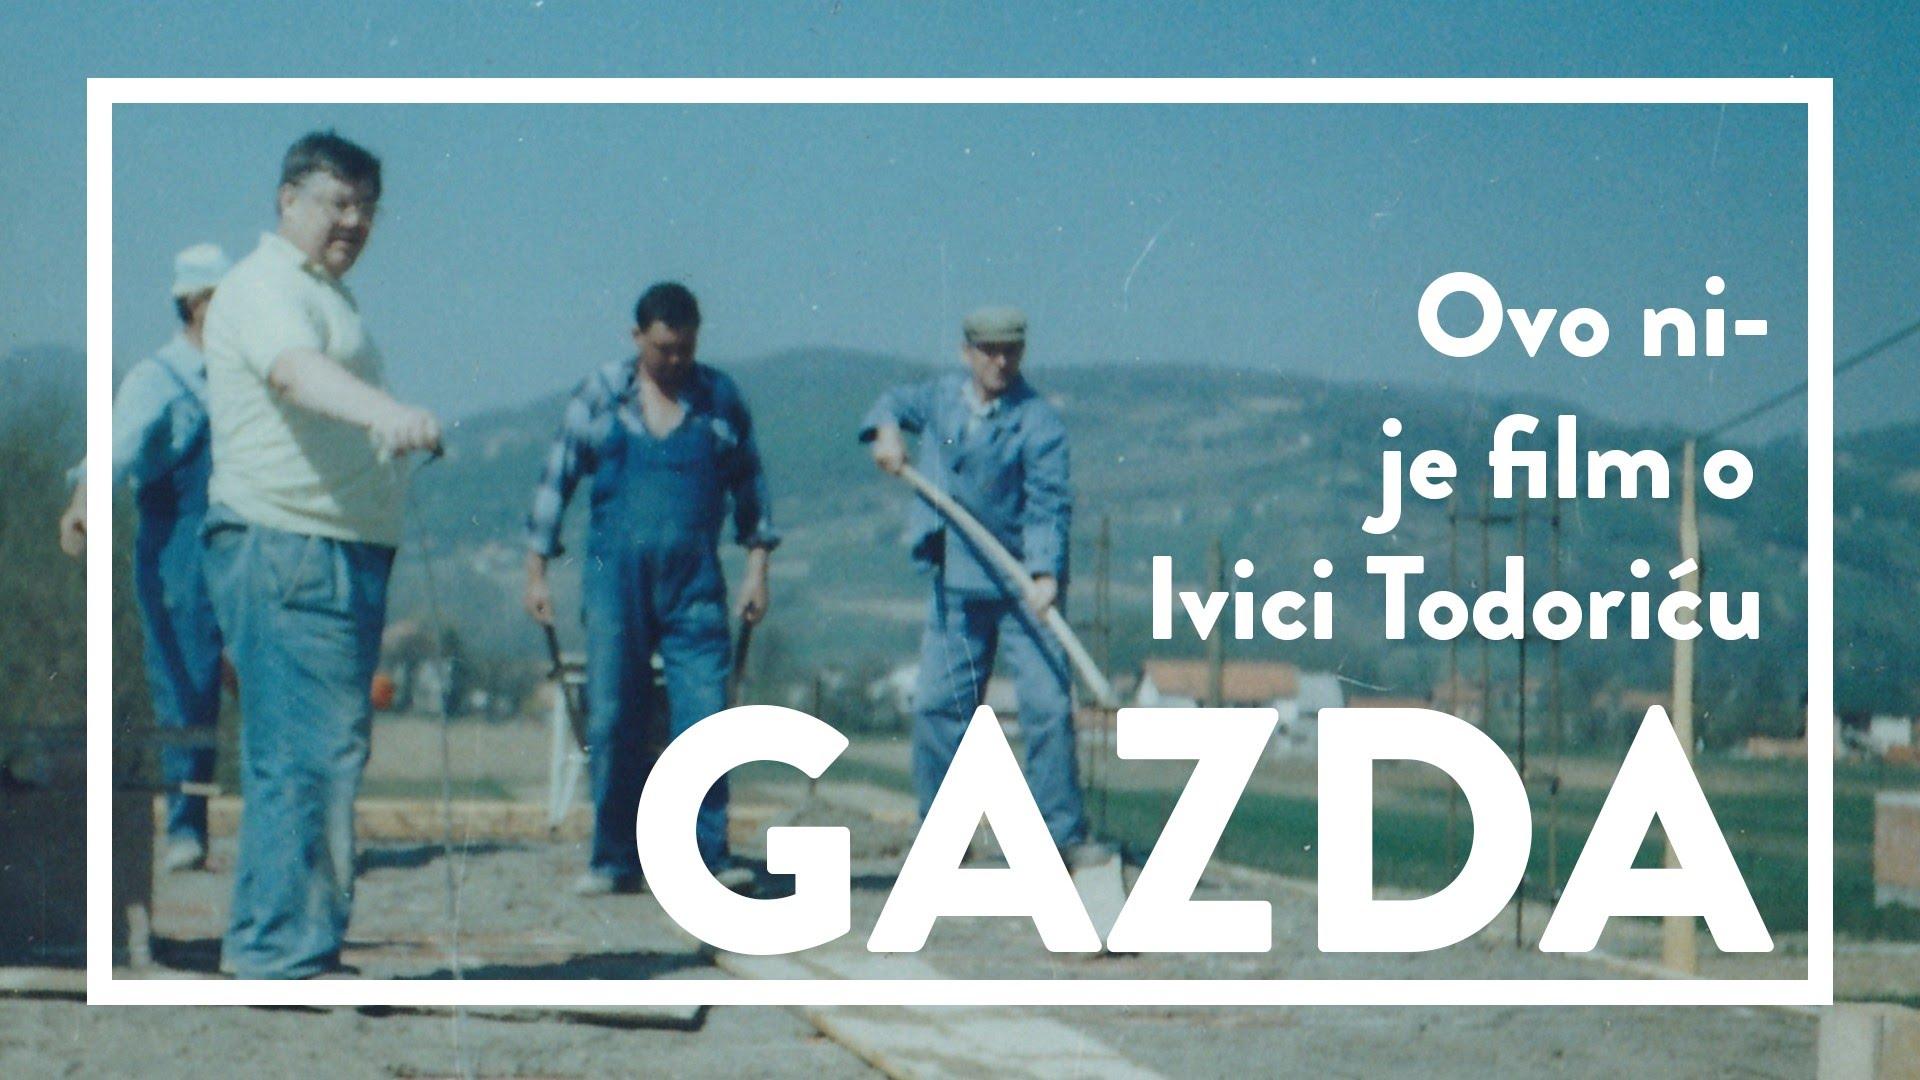 Dal documentario Gazda